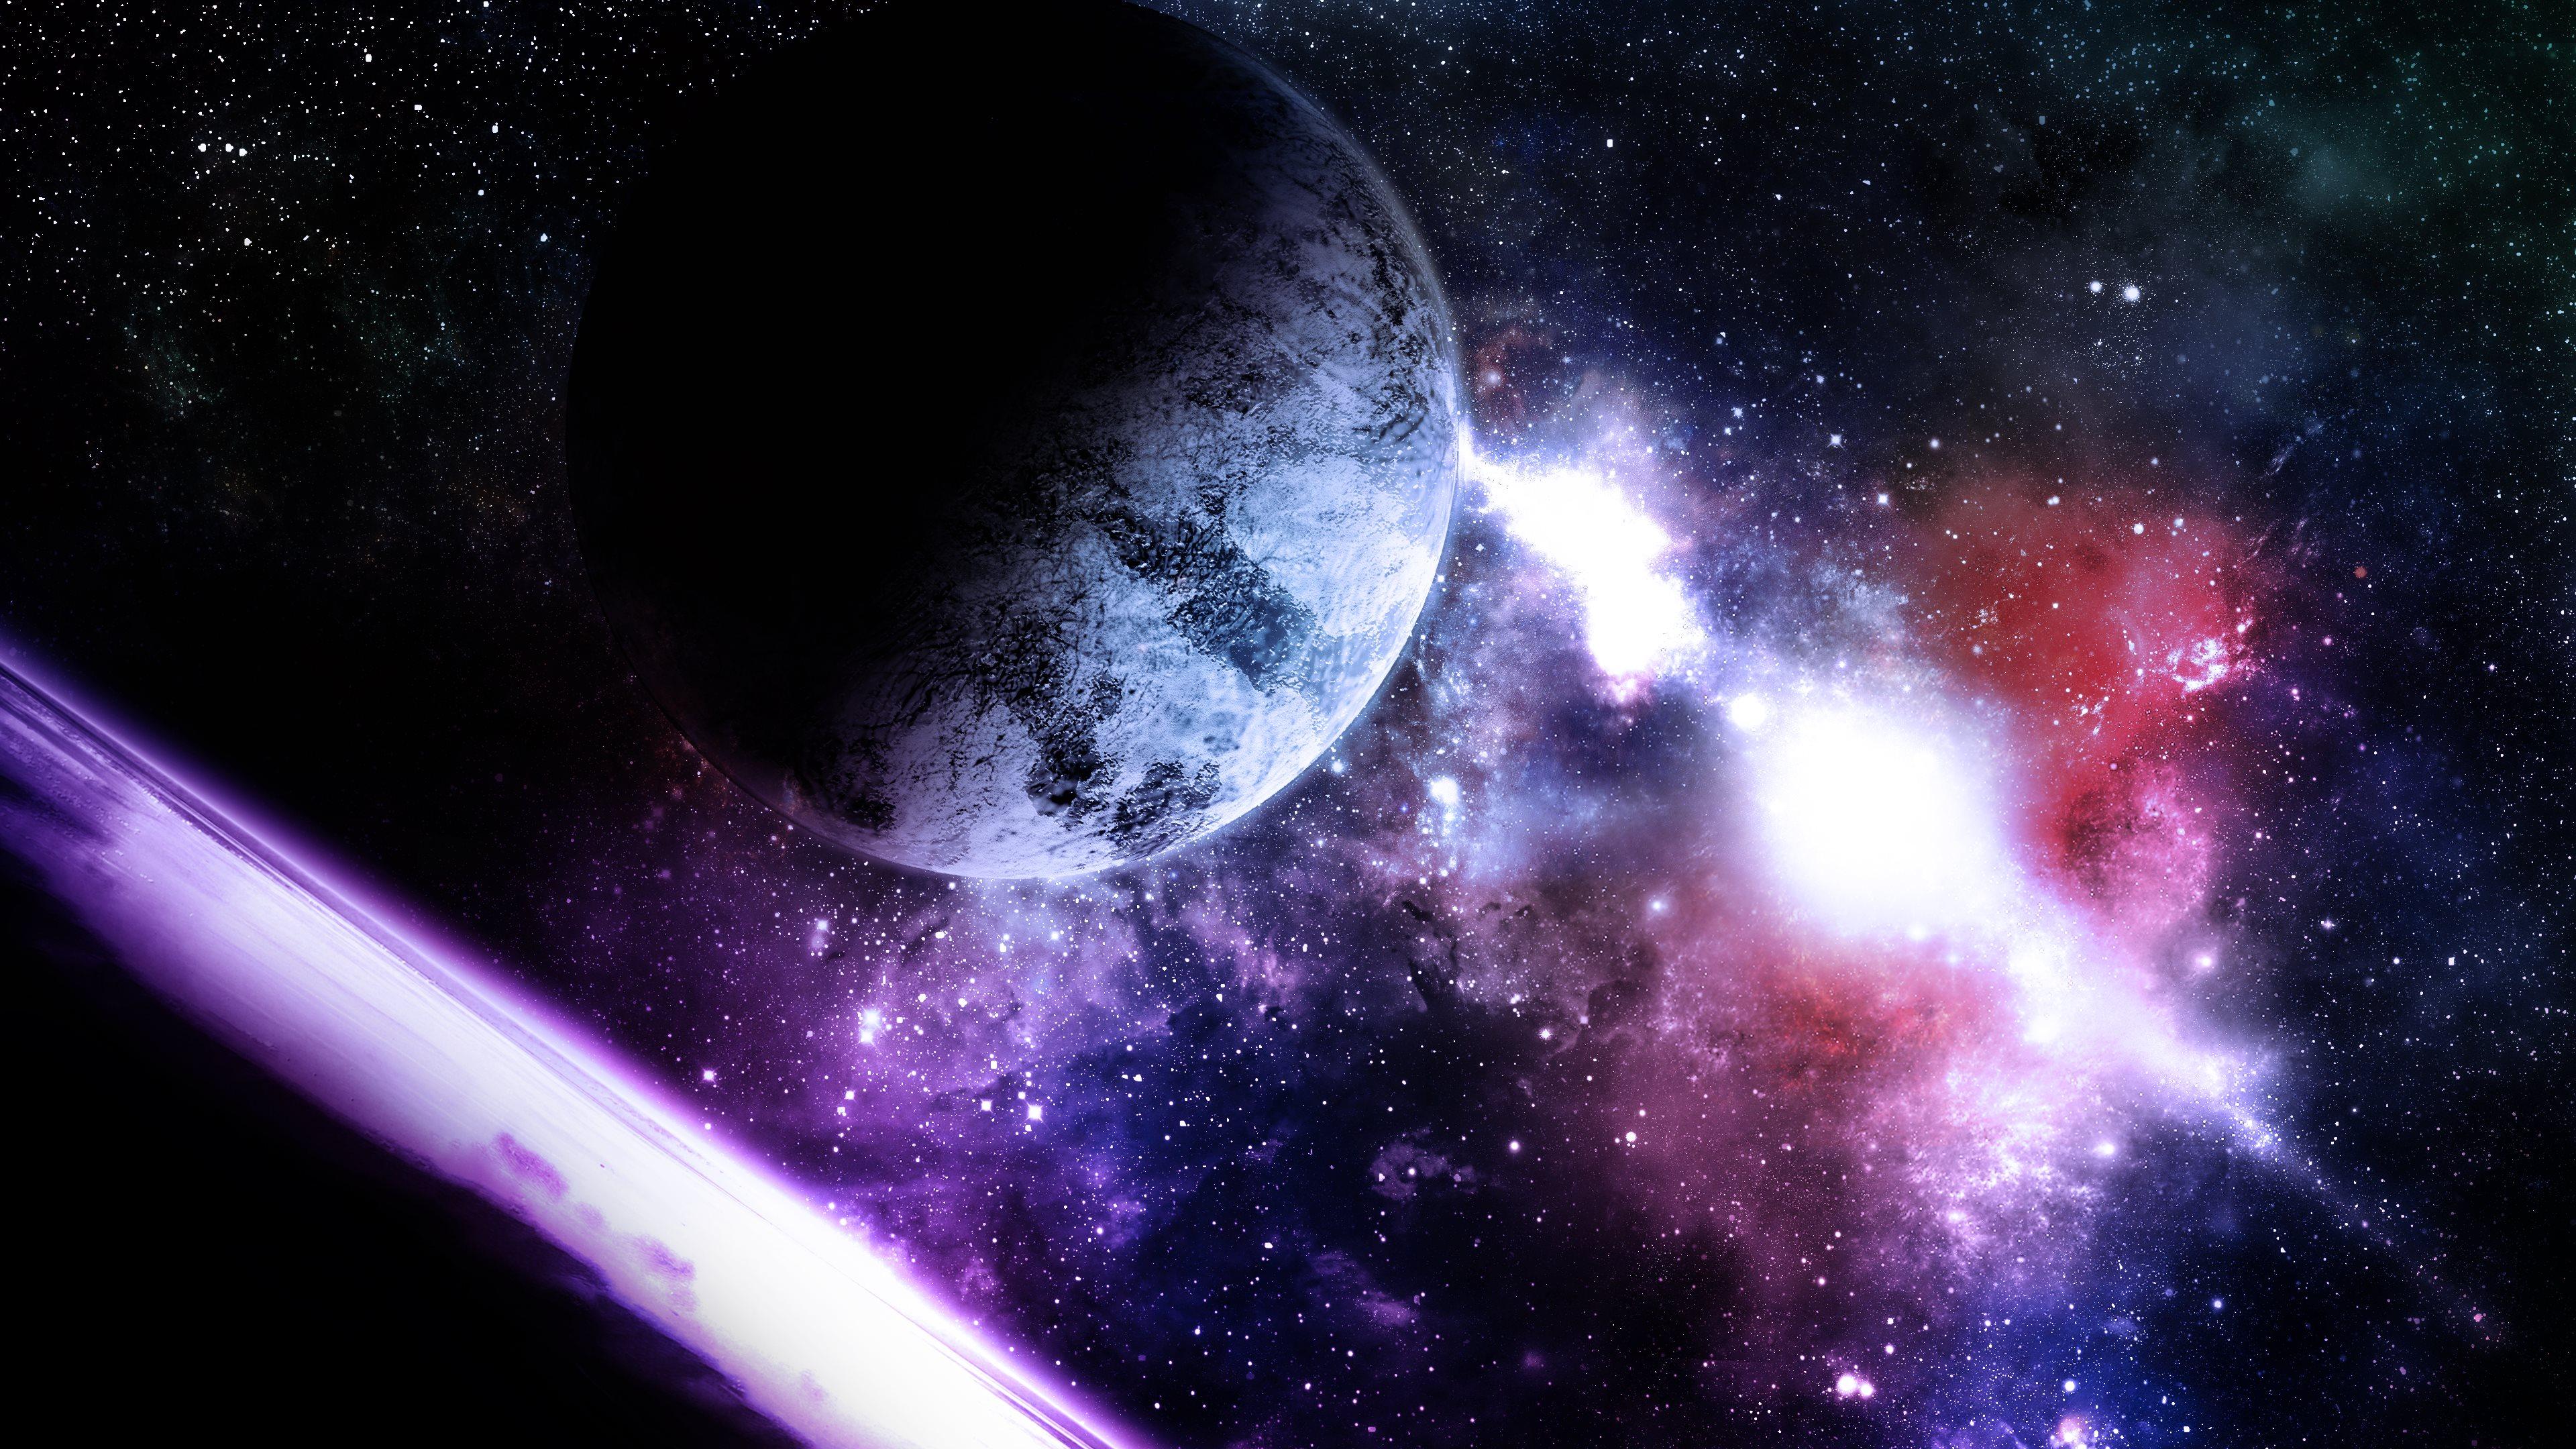 Stellar Lighthouse Planets Space 3840x2160 Ultra HD Computer Desktop